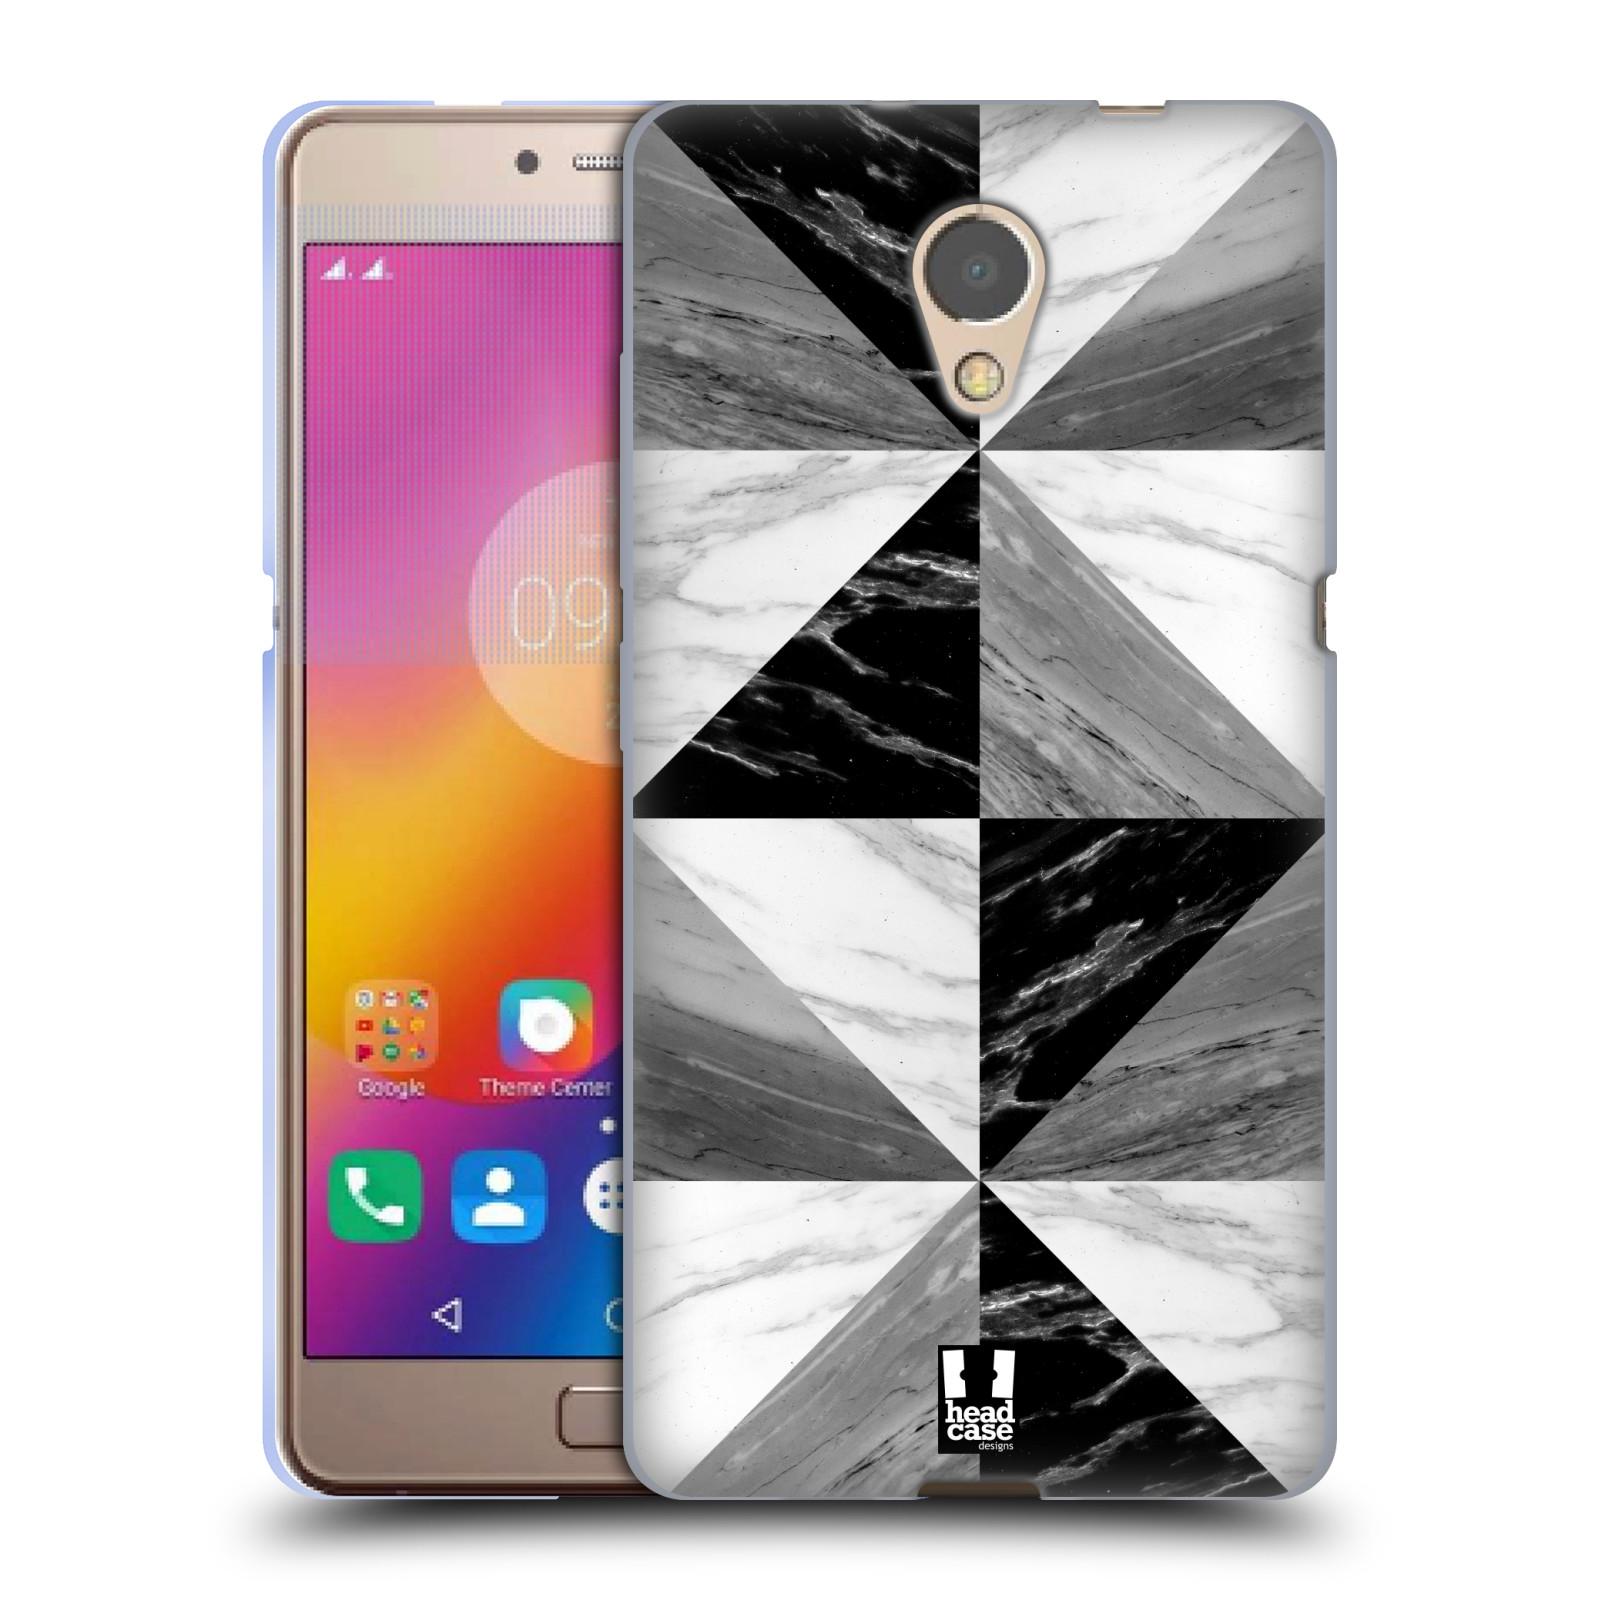 Silikonové pouzdro na mobil Lenovo P2 - Head Case - Mramor triangl